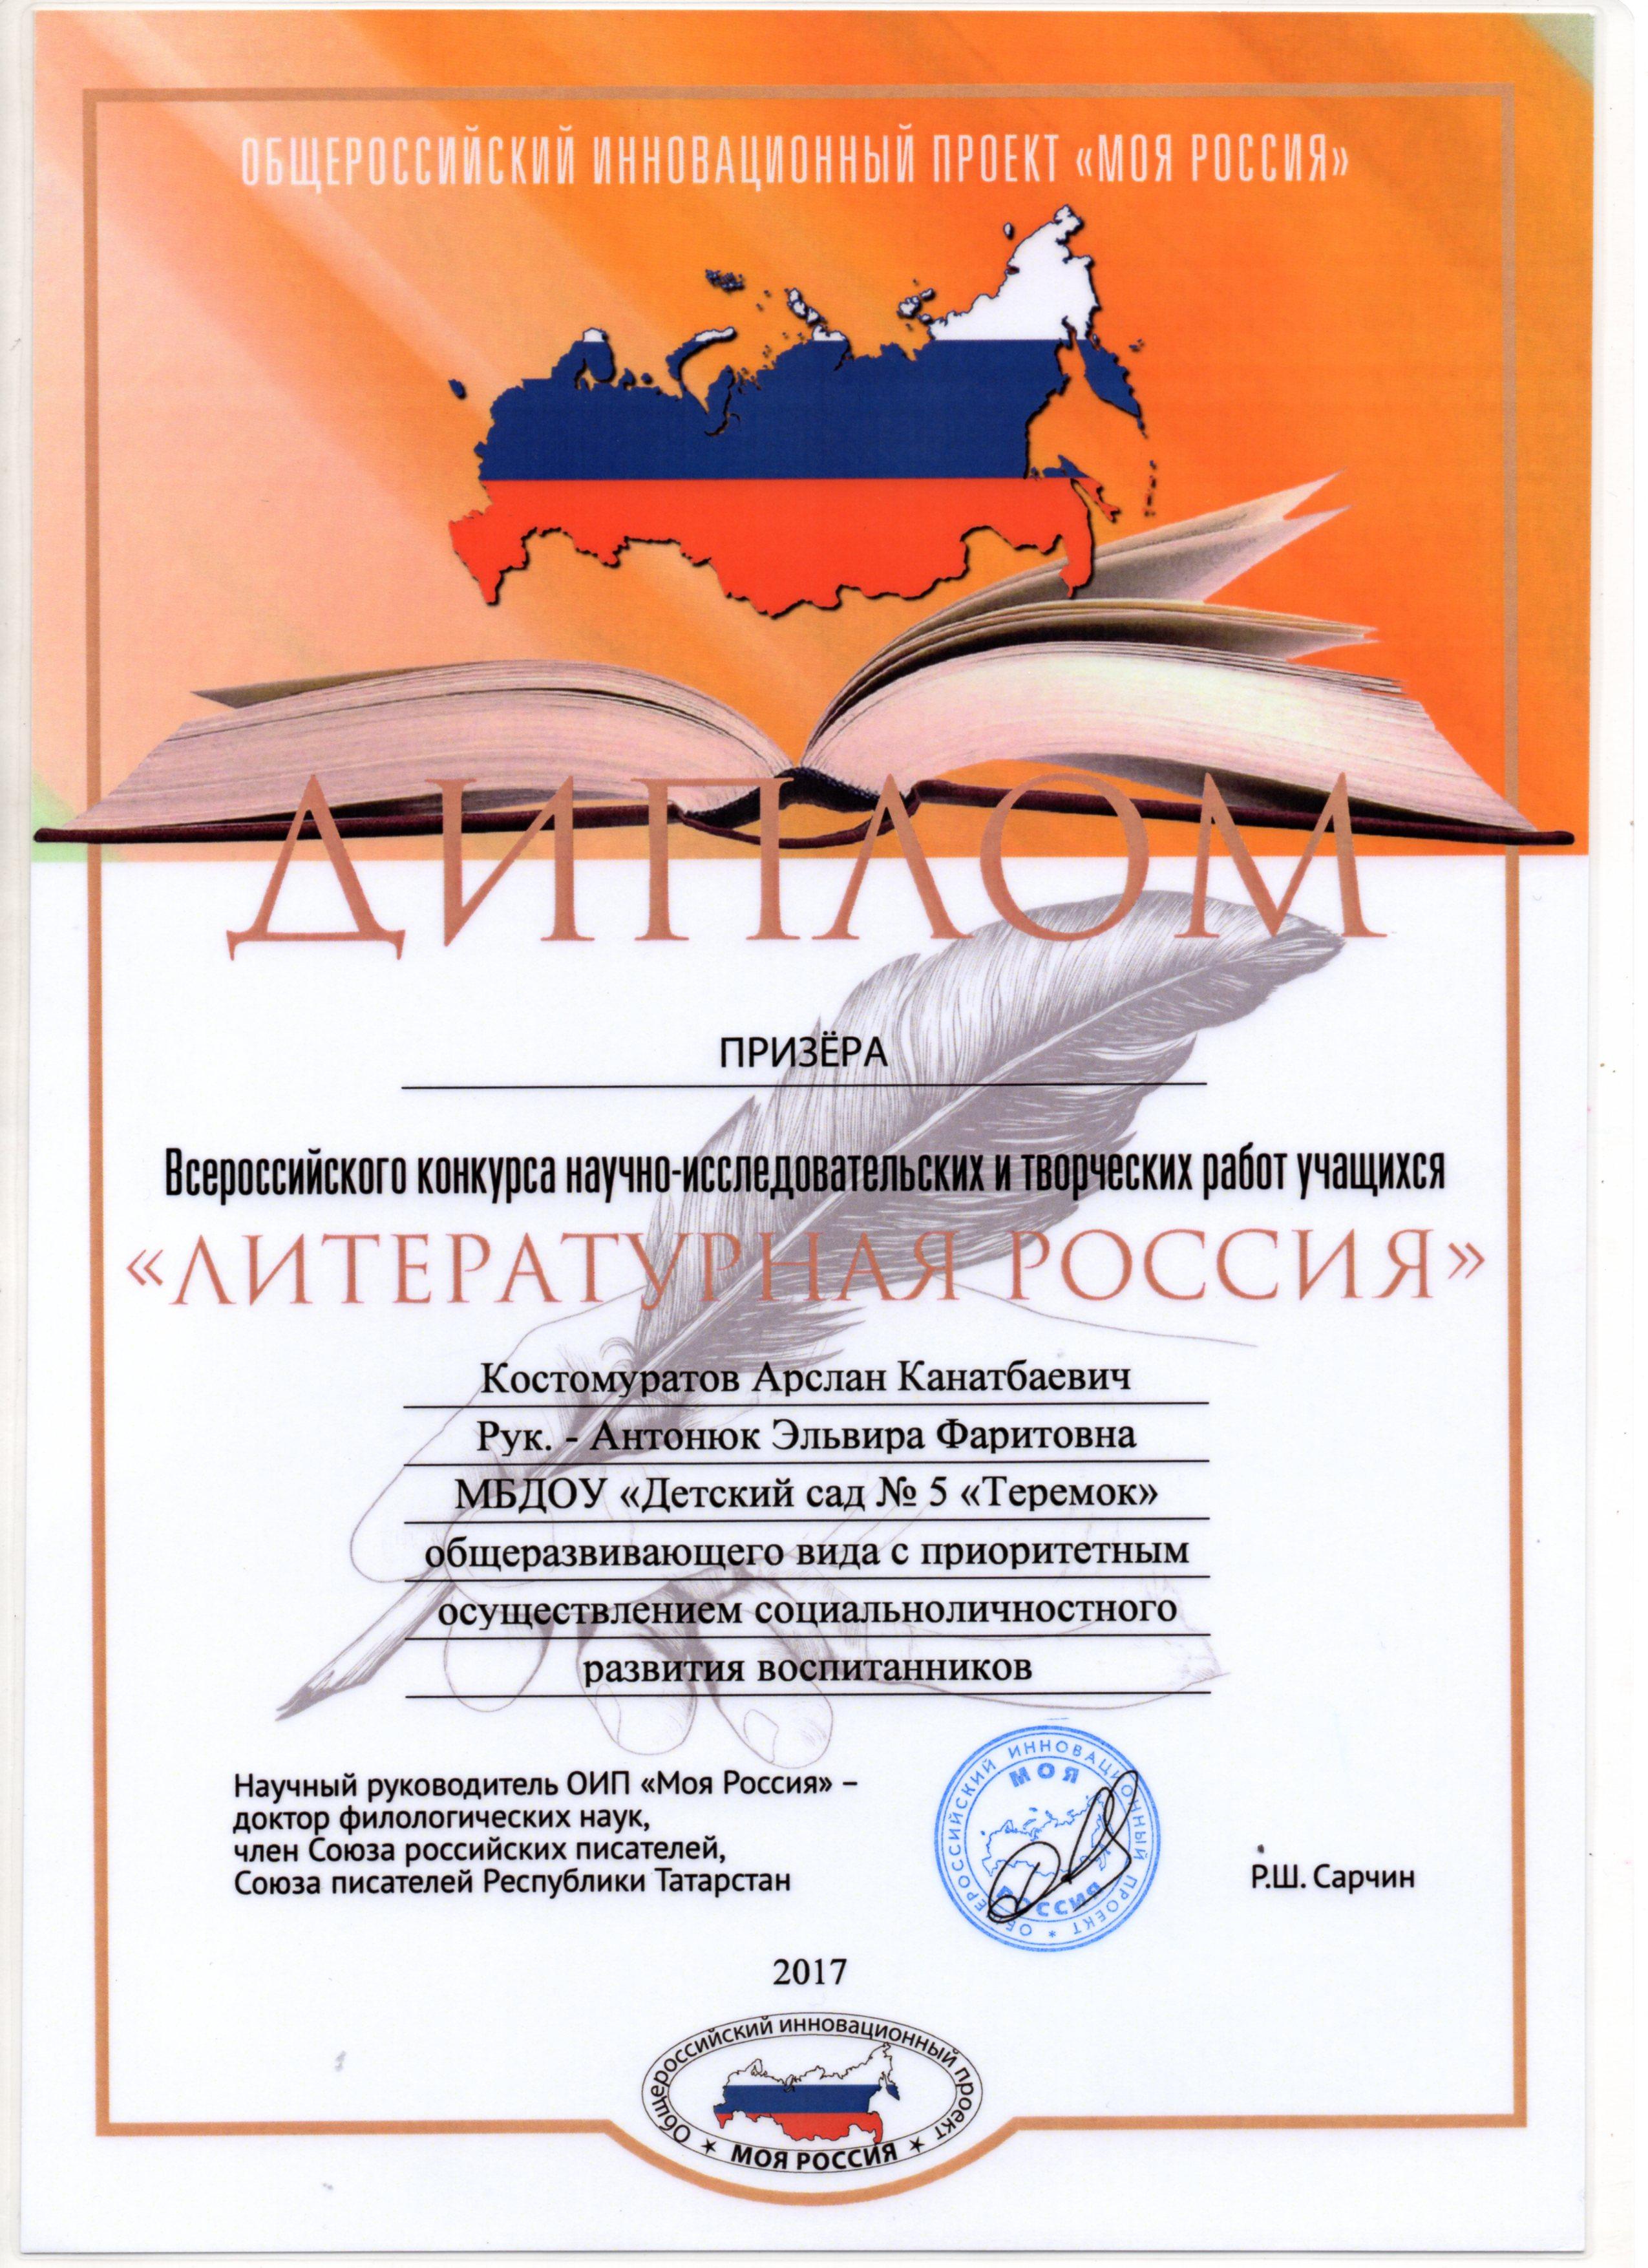 Конкурс литературная россия моя россия